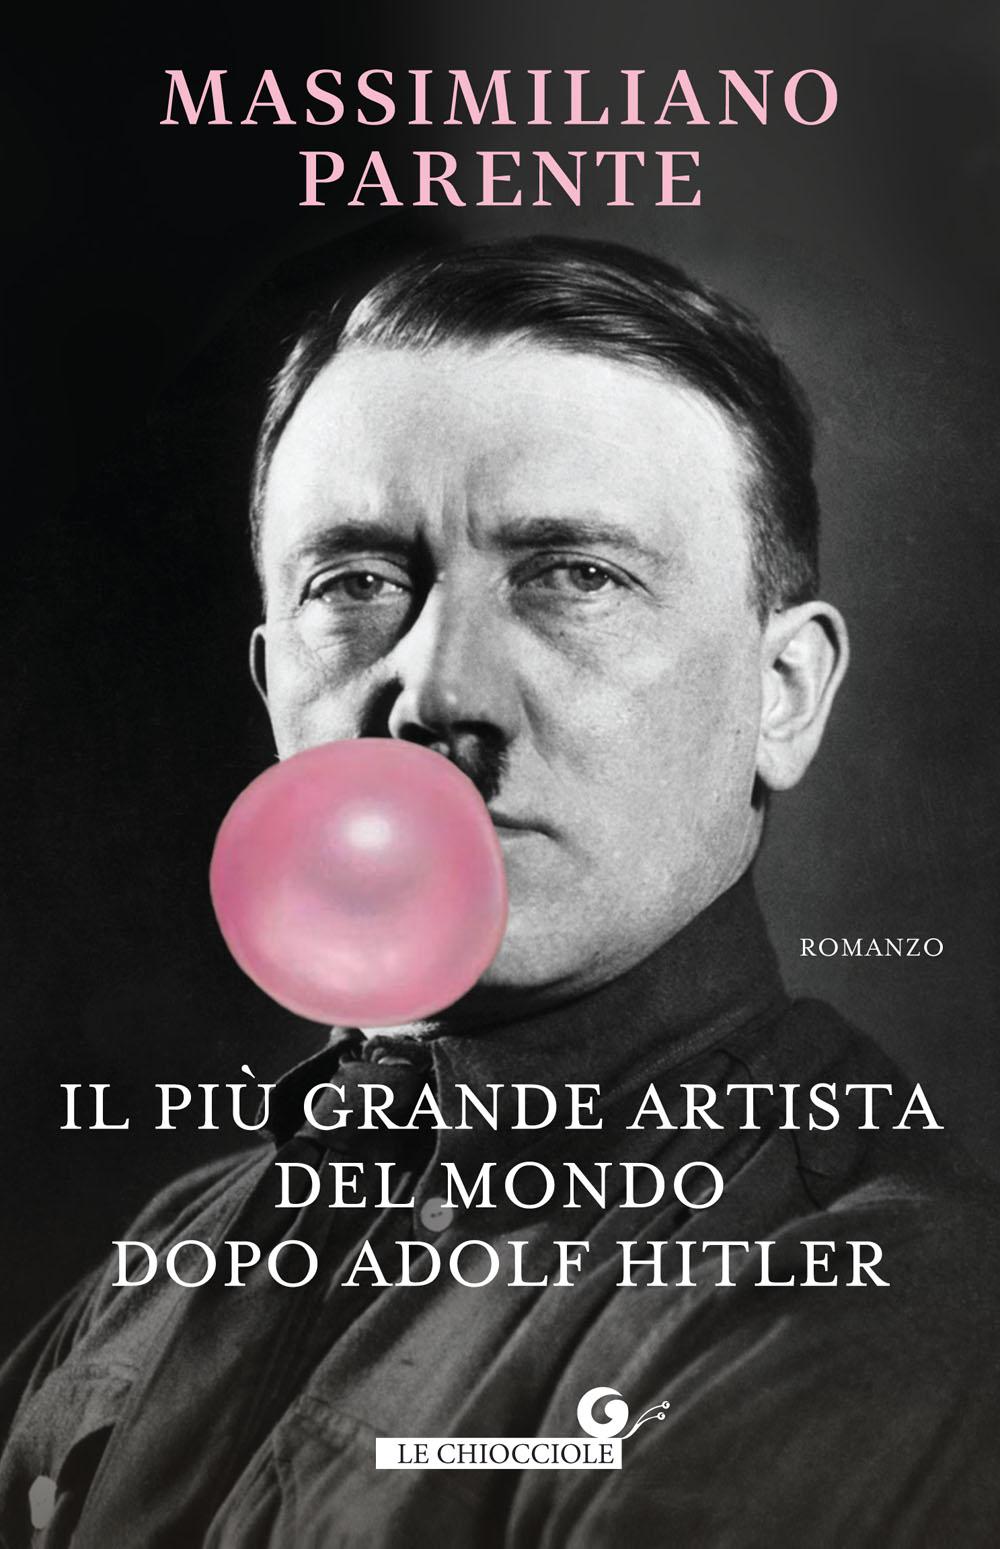 ll più grande artista del mondo dopo Adolf Hitler